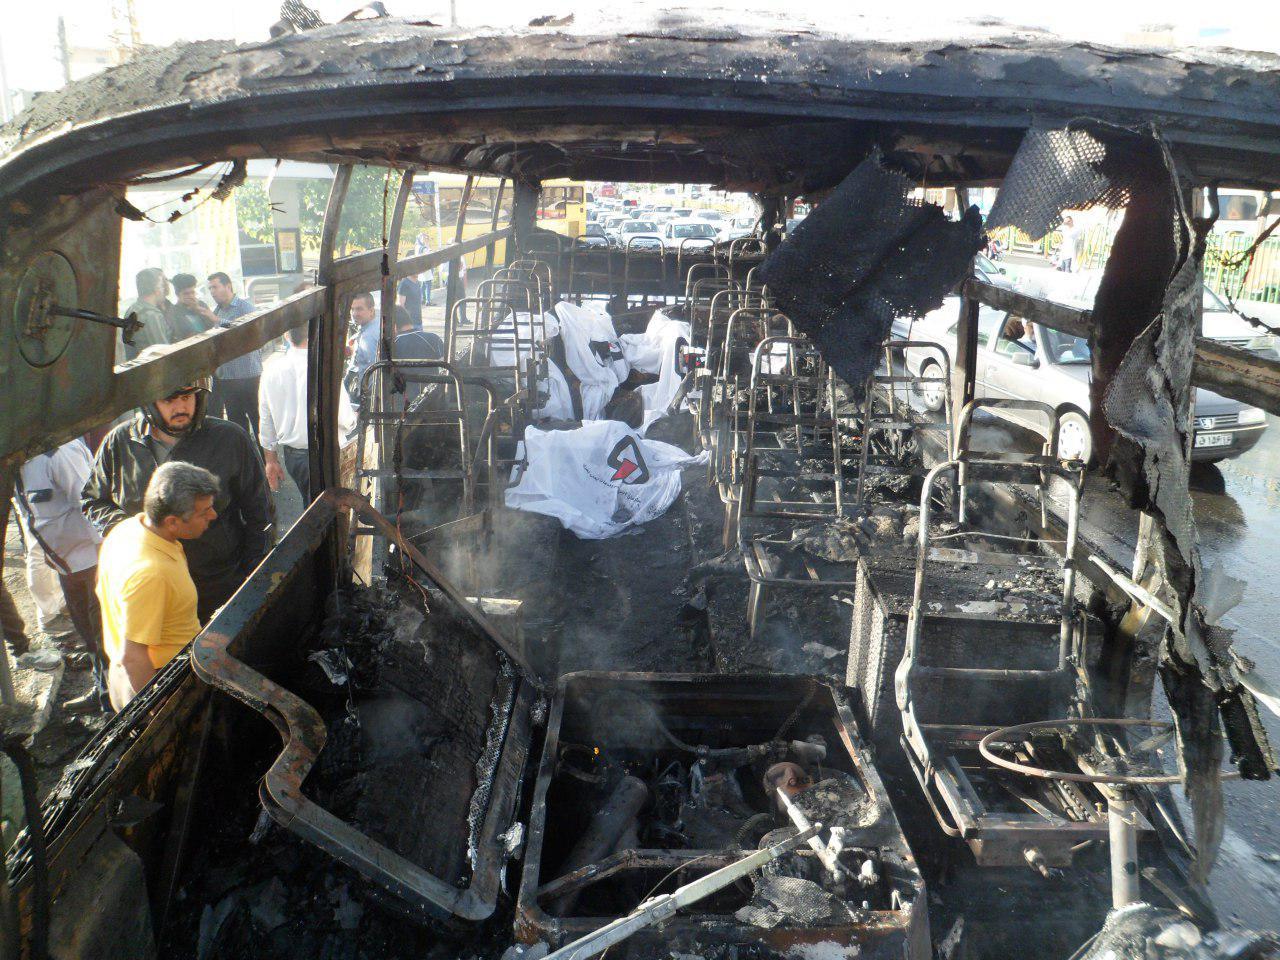 آتشسوزی مینیبوس در بزرگراه آیتالله سعیدی/ 4 تن جان باختند+ تصاویر